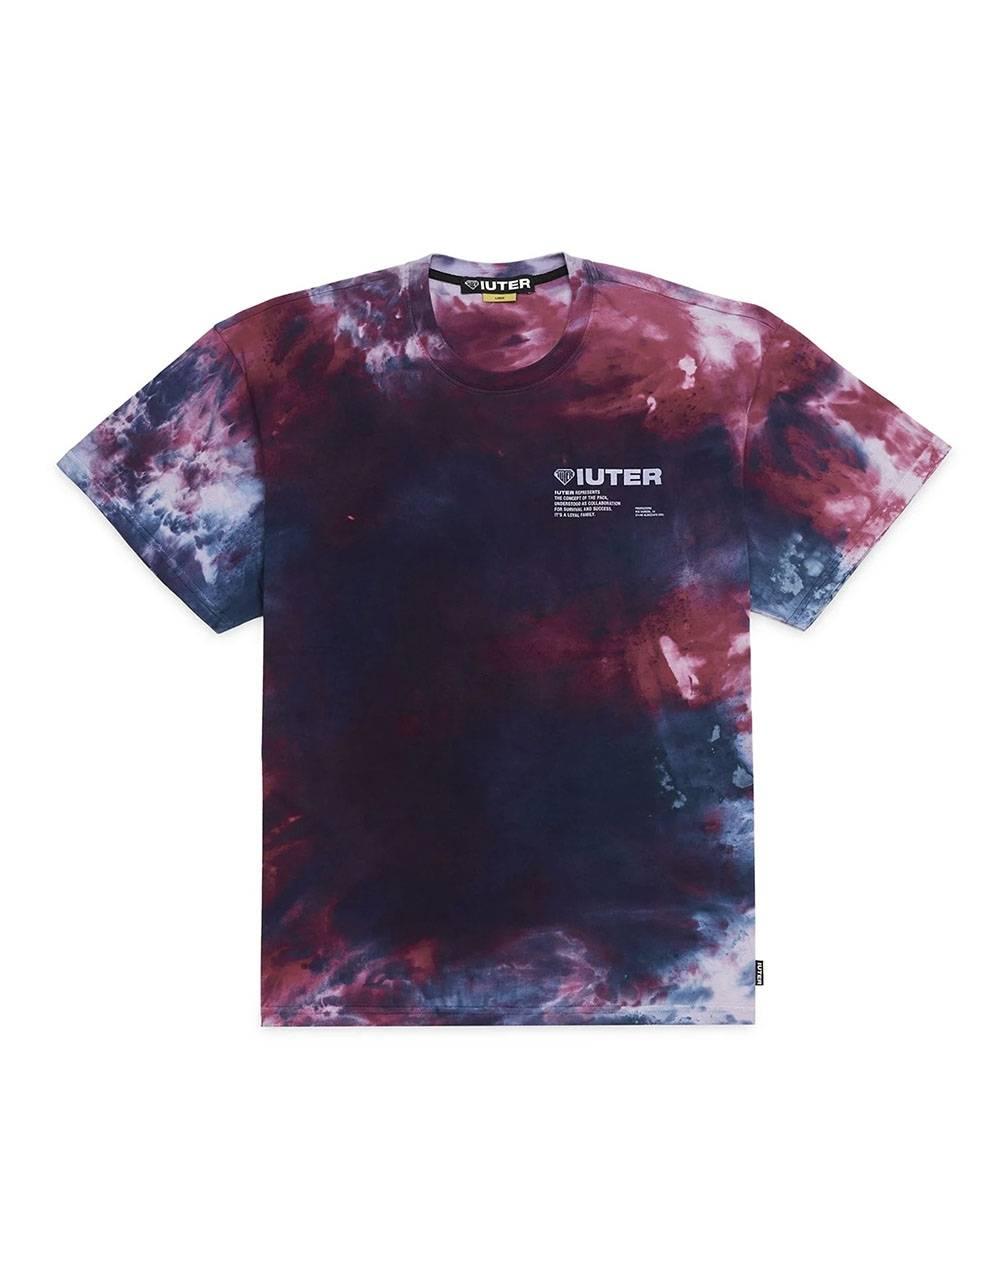 Iuter Disaster tee - Purple IUTER T-shirt 50,00€